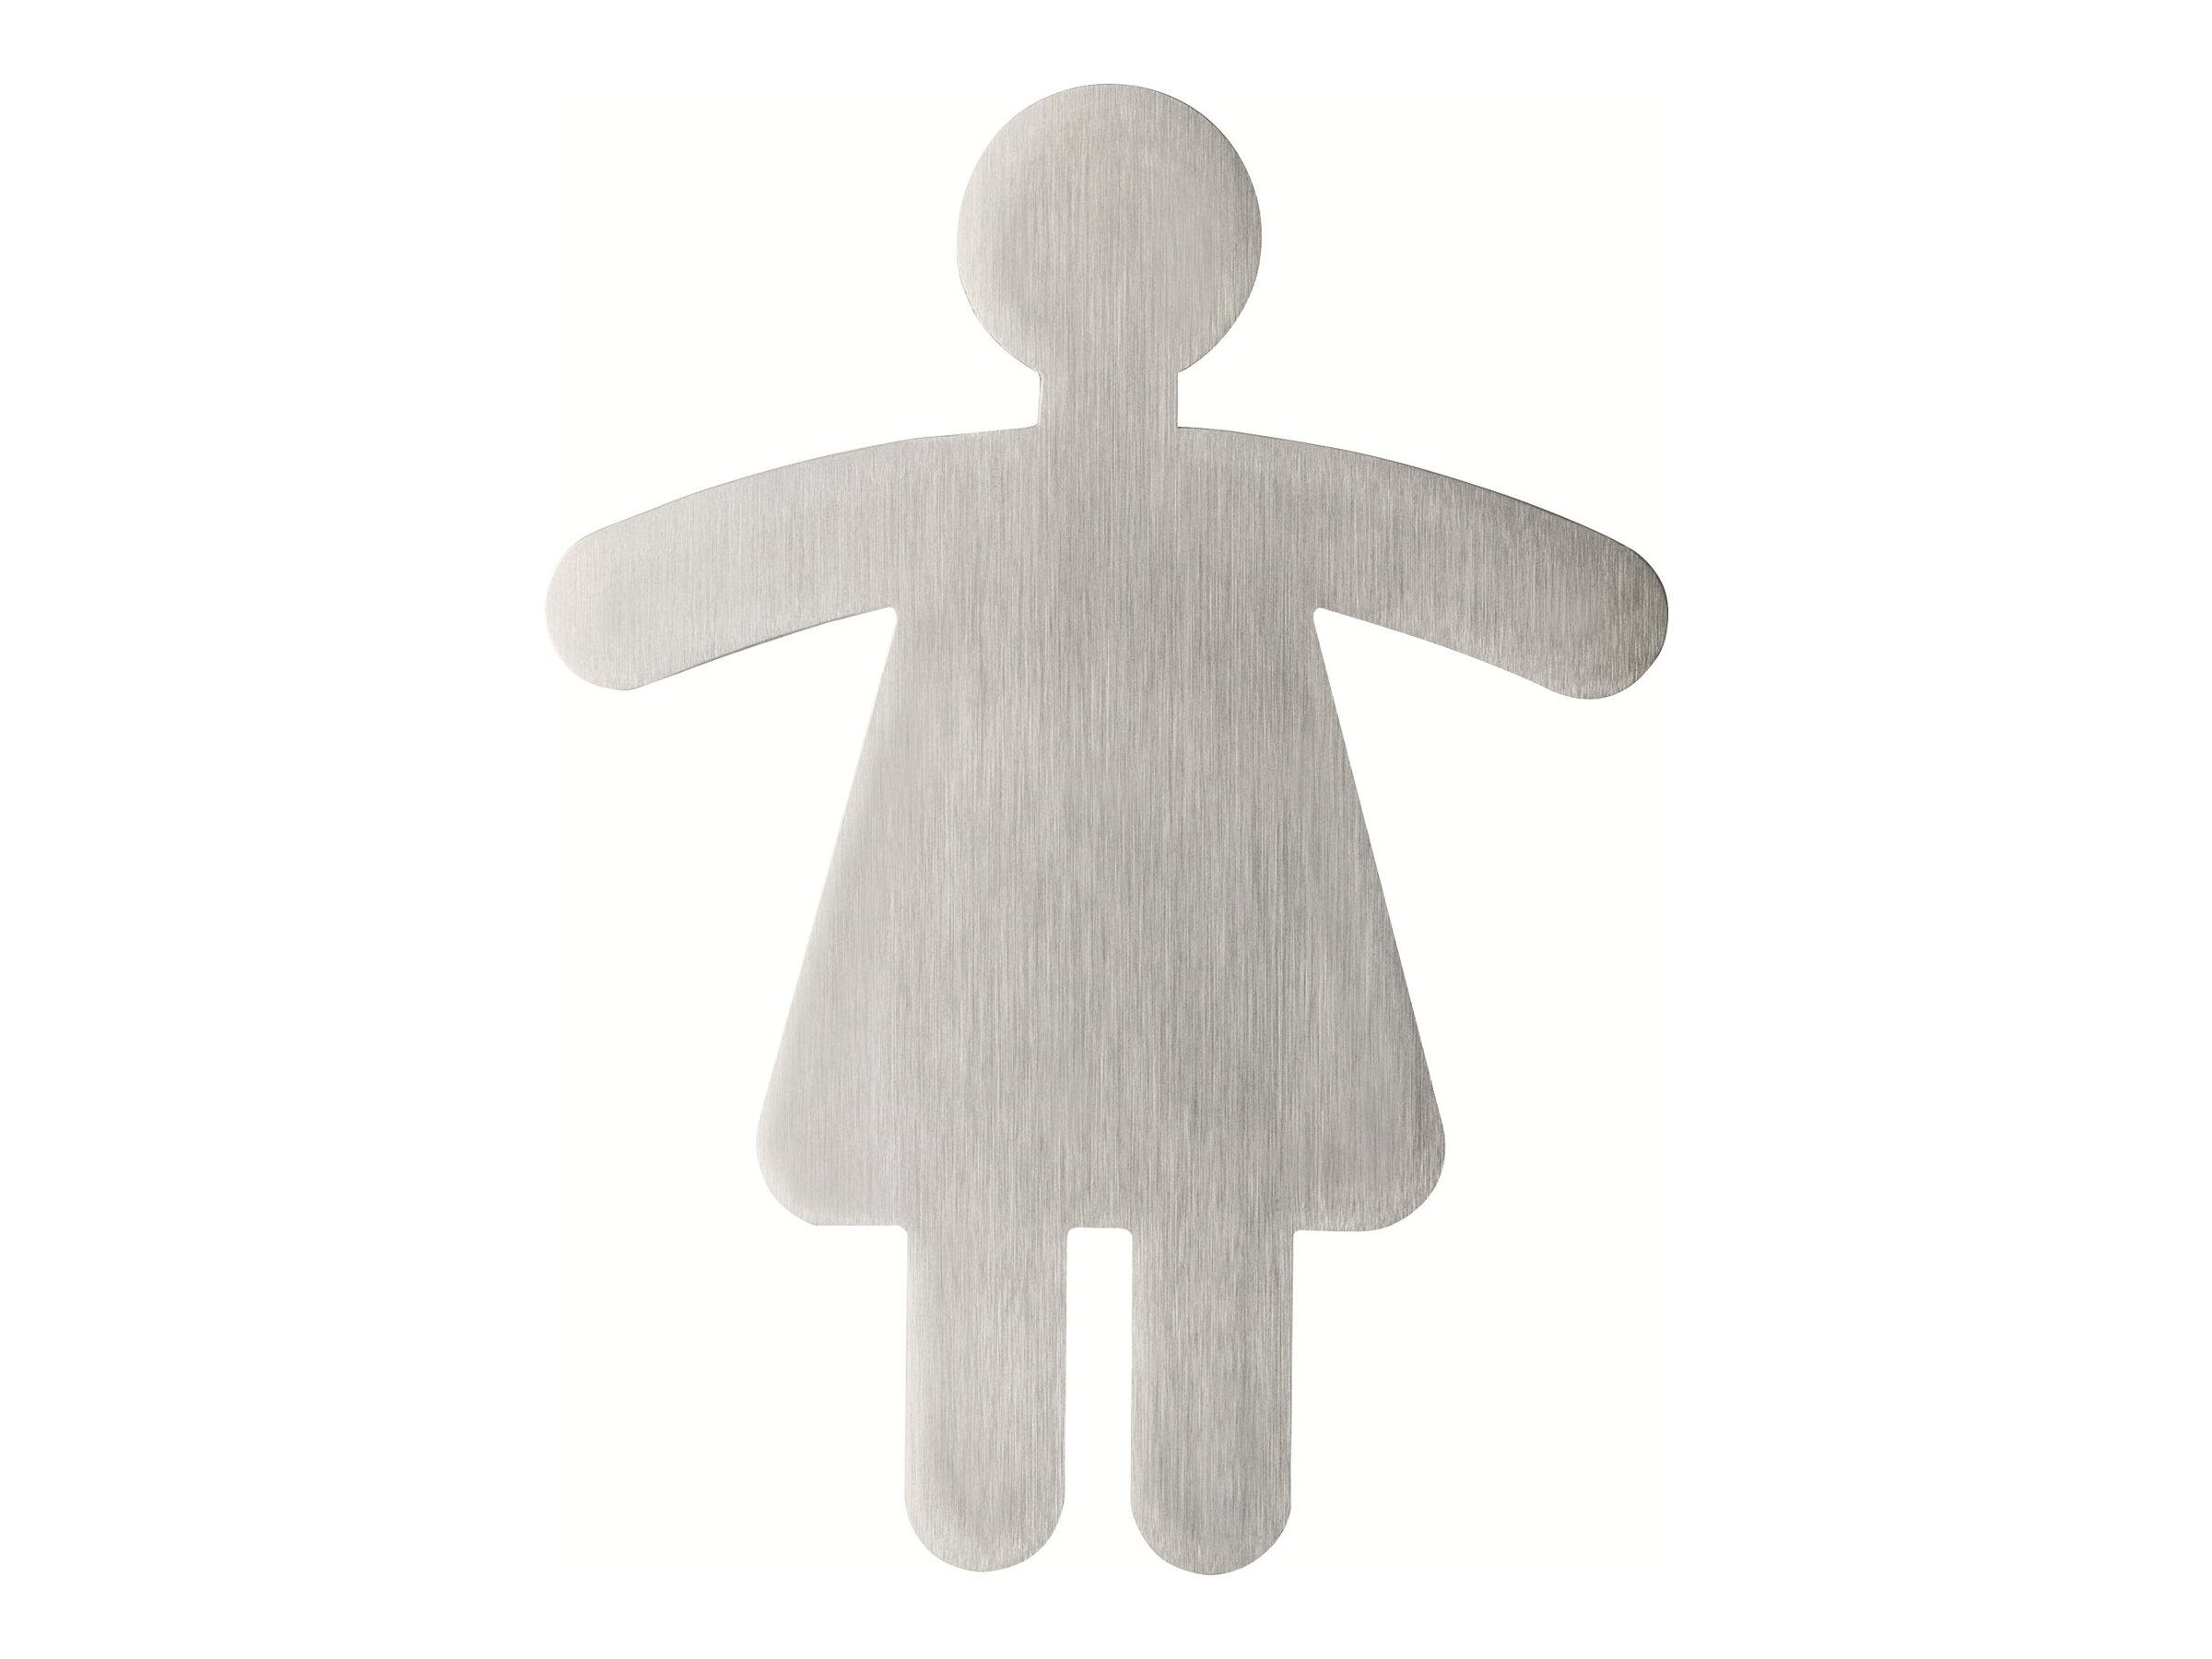 DURABLE PICTO - Pictogramme - toilettes pour femmes - 120 x 90 mm